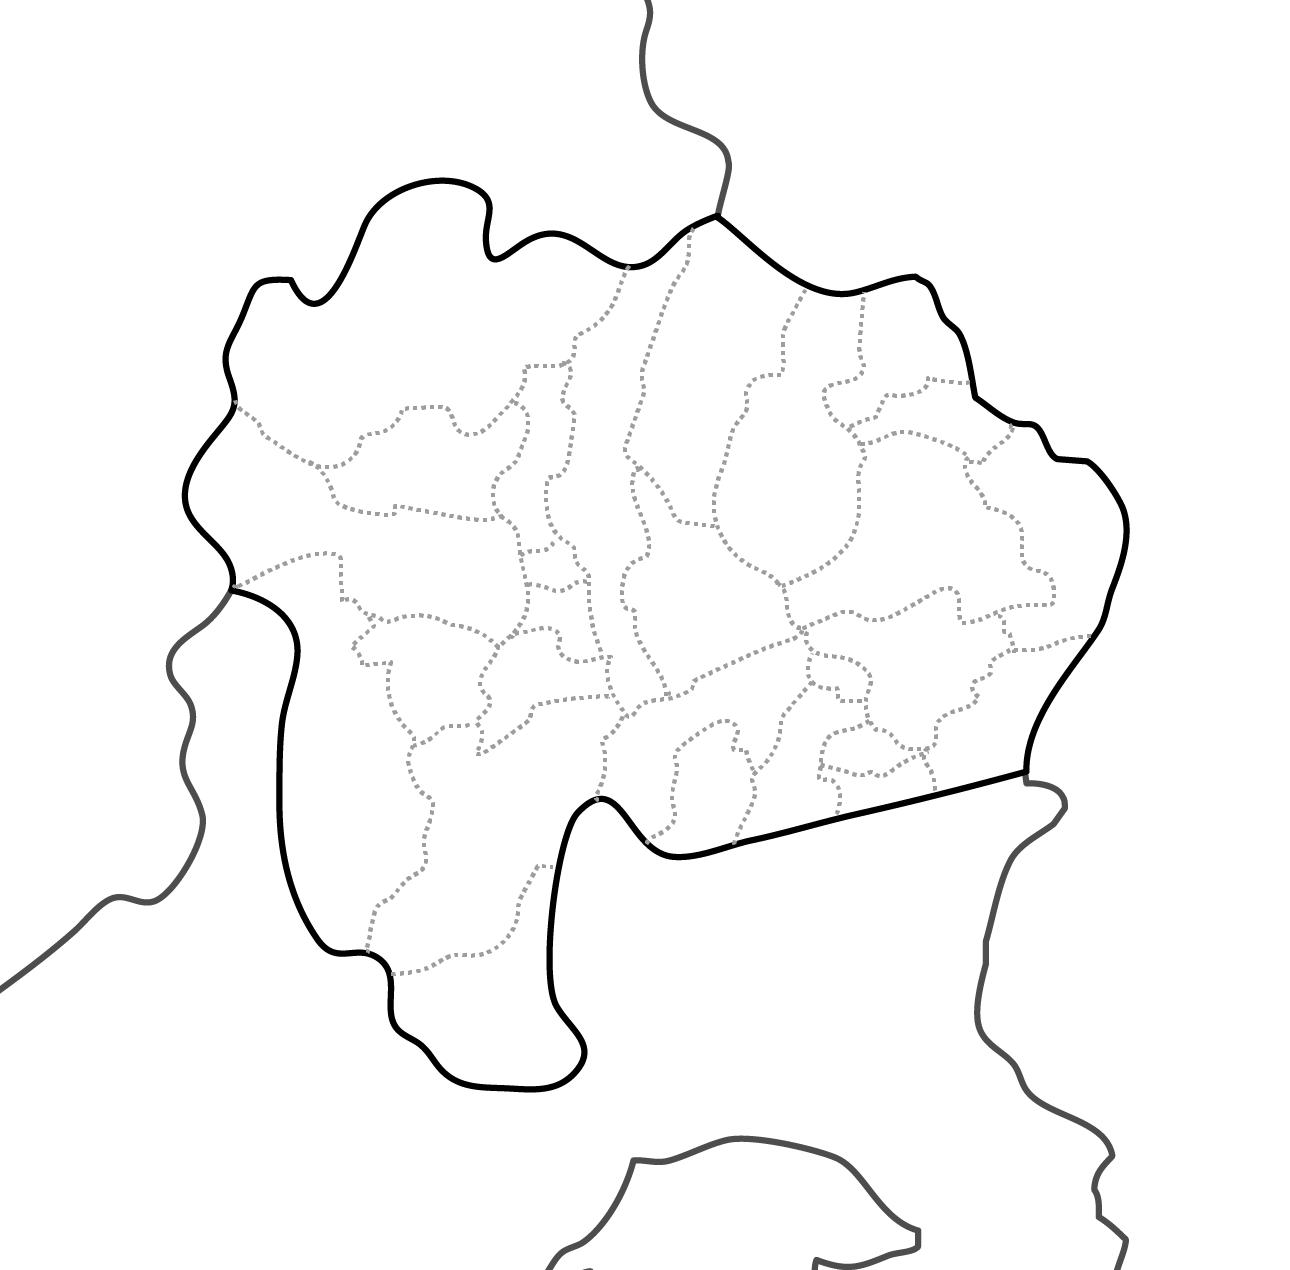 [白地図]山梨県・ラインあり・市区町村名なし・隣県なし